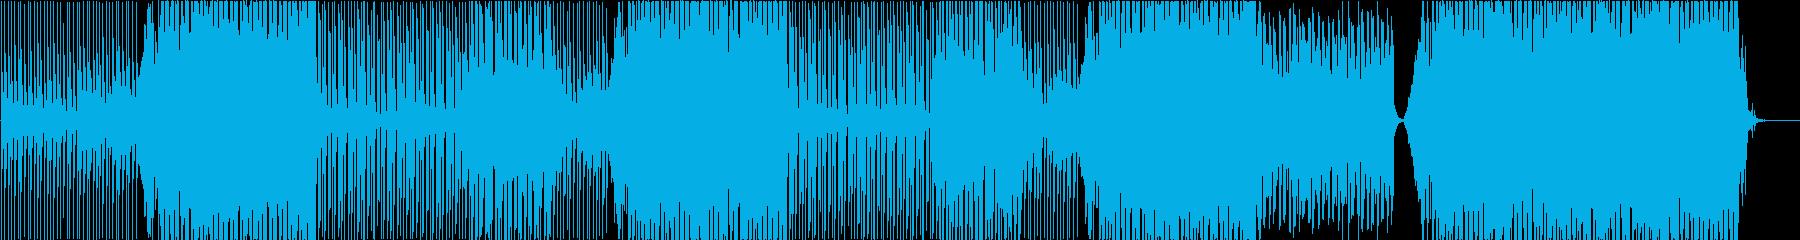 【HOUSE】エモさを感じる南国の海の再生済みの波形